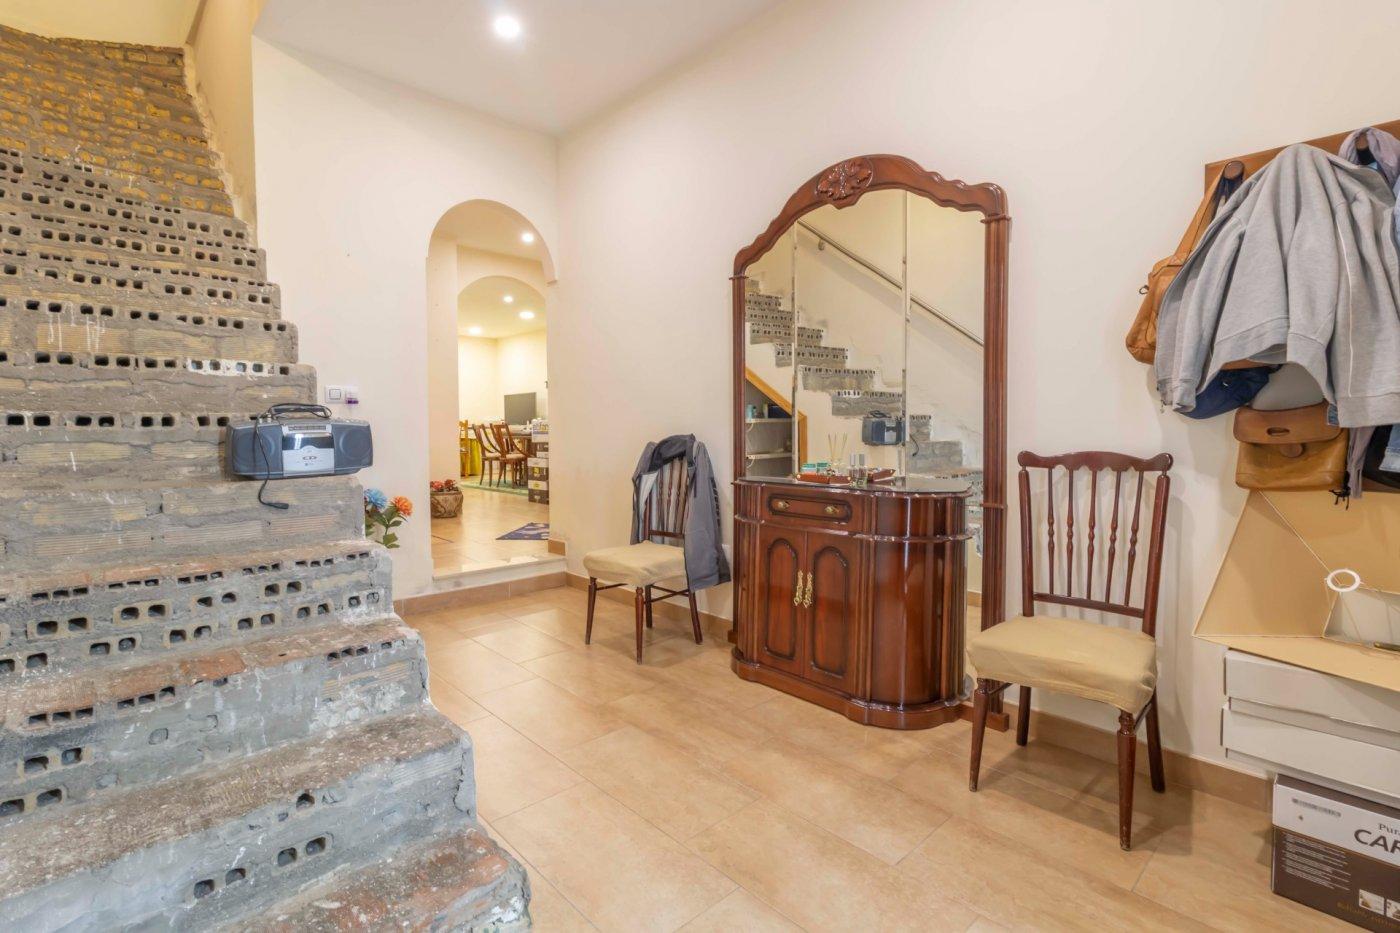 Casa a la venta en zona padre pÍo - imagenInmueble12